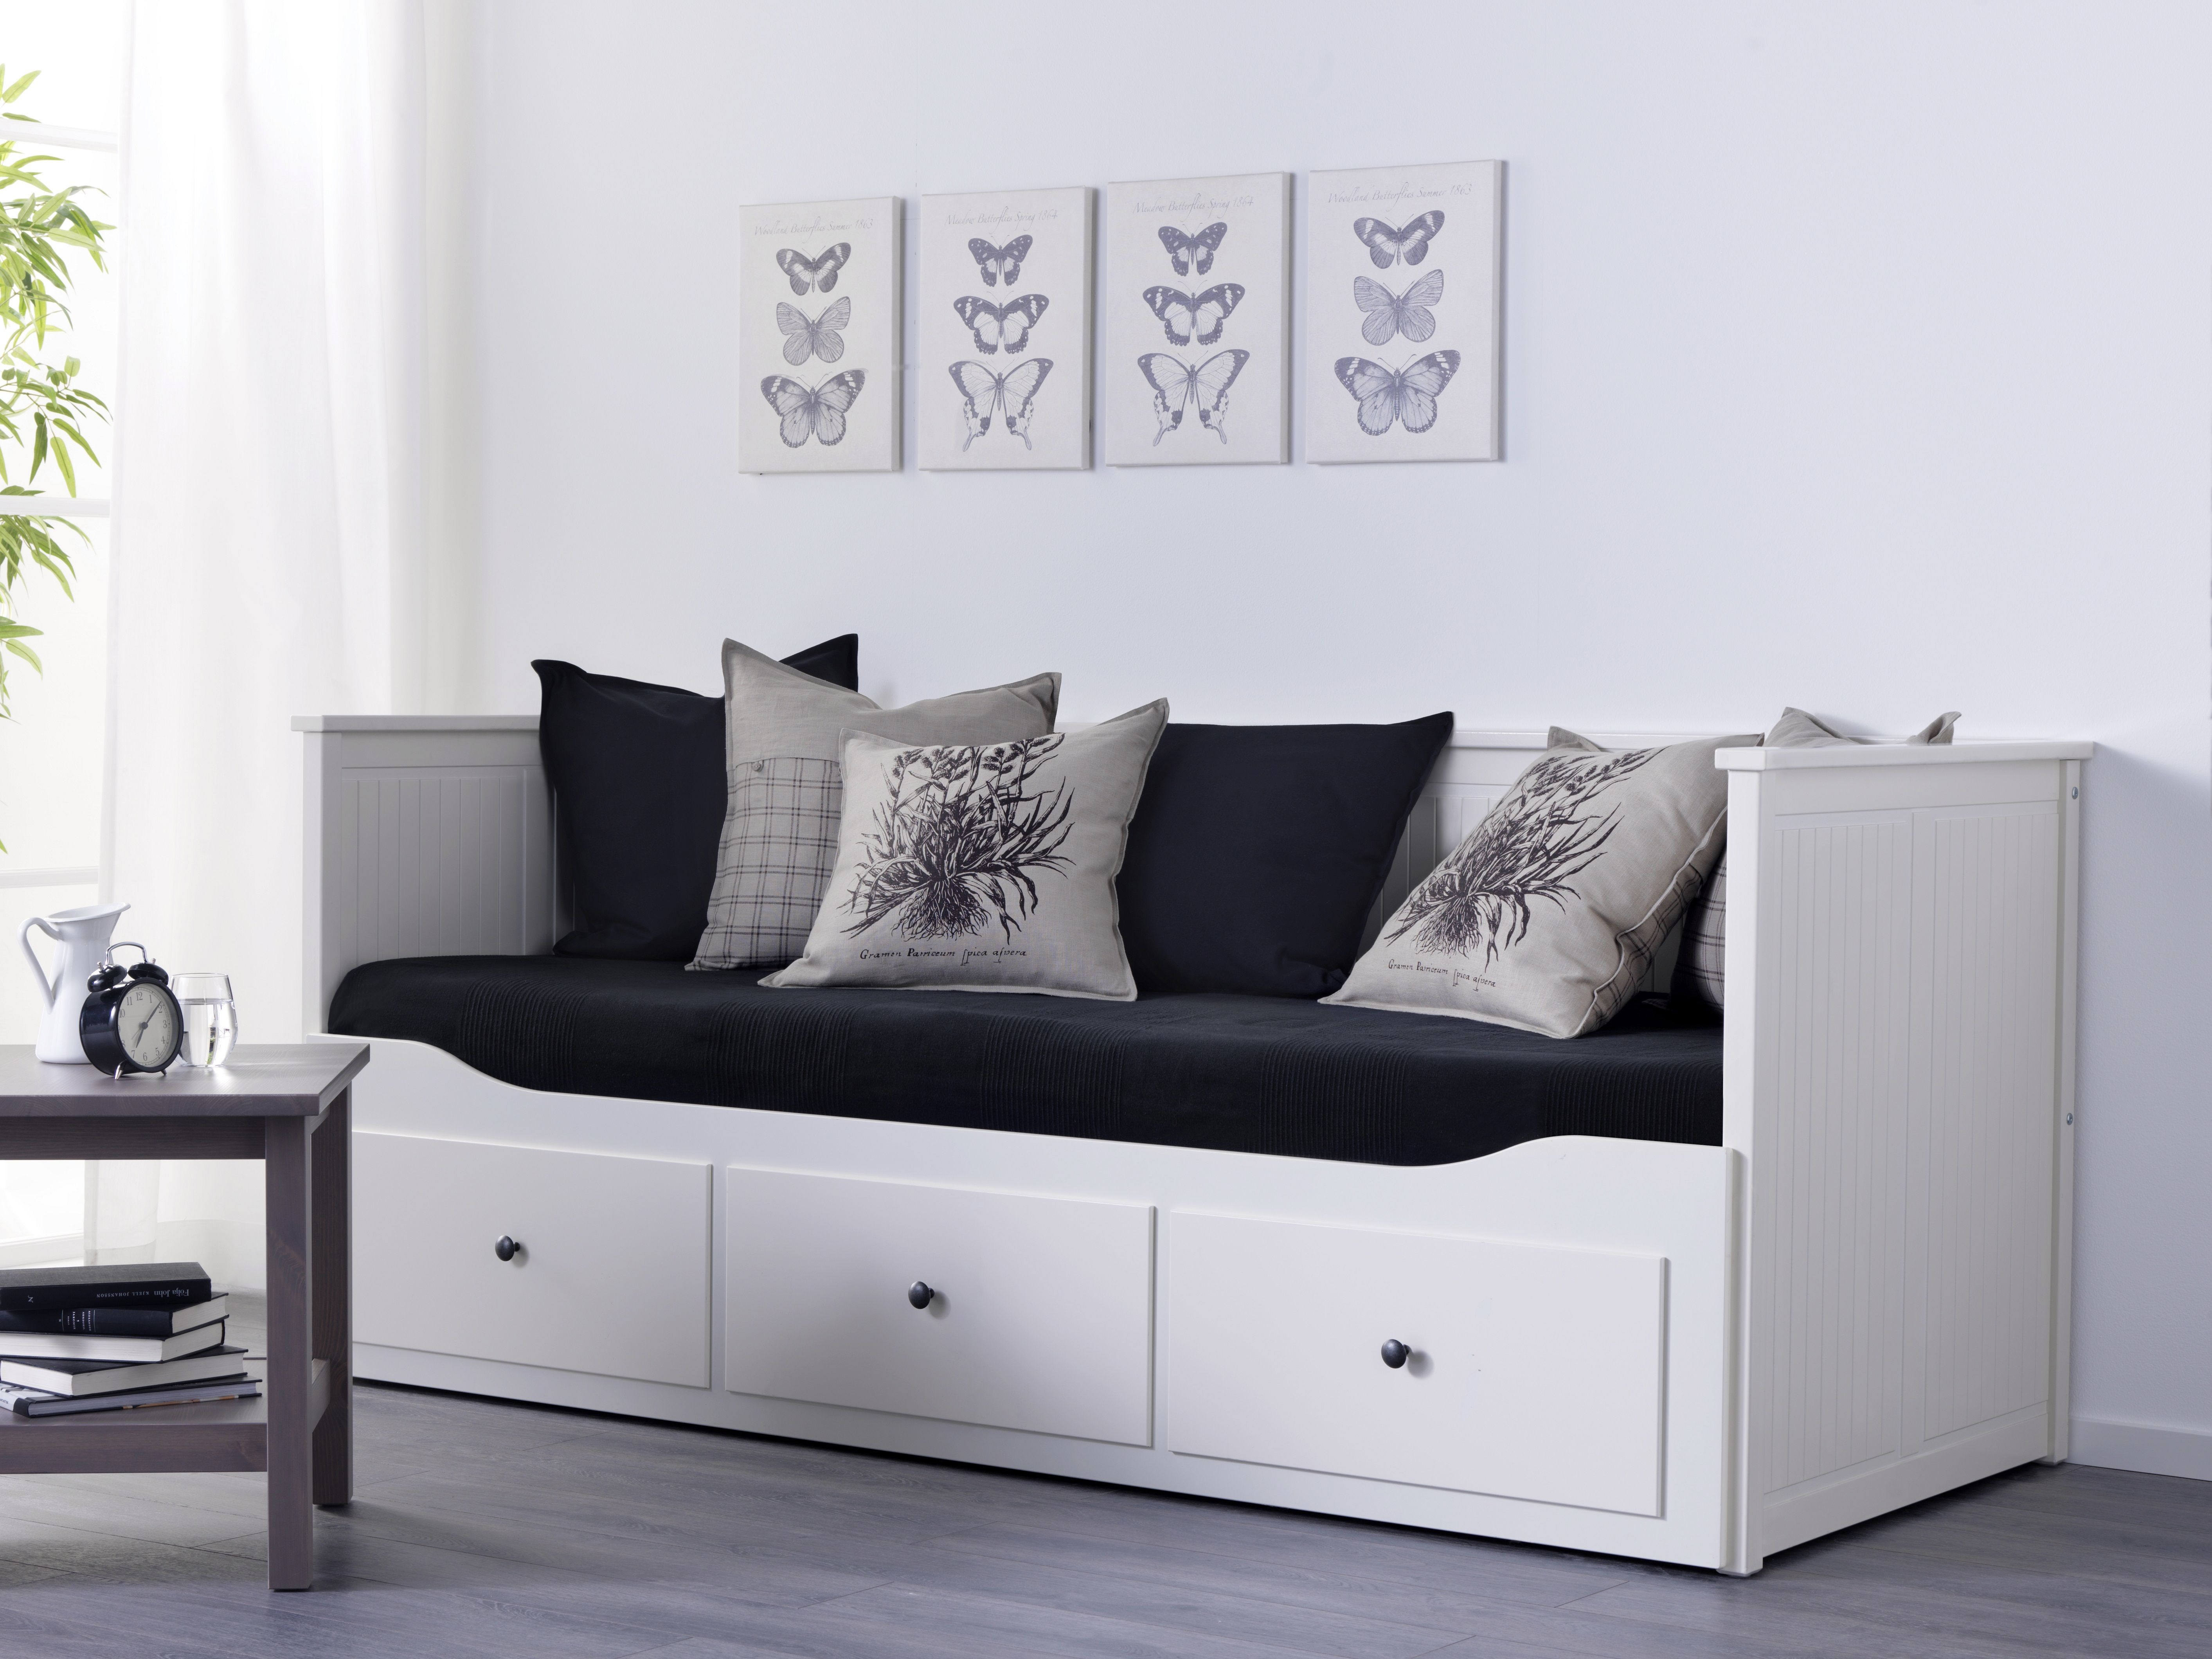 Ikea Tweepersoons Bedbank.Nederland Bedbank Ikea En Eenpersoonsbedden